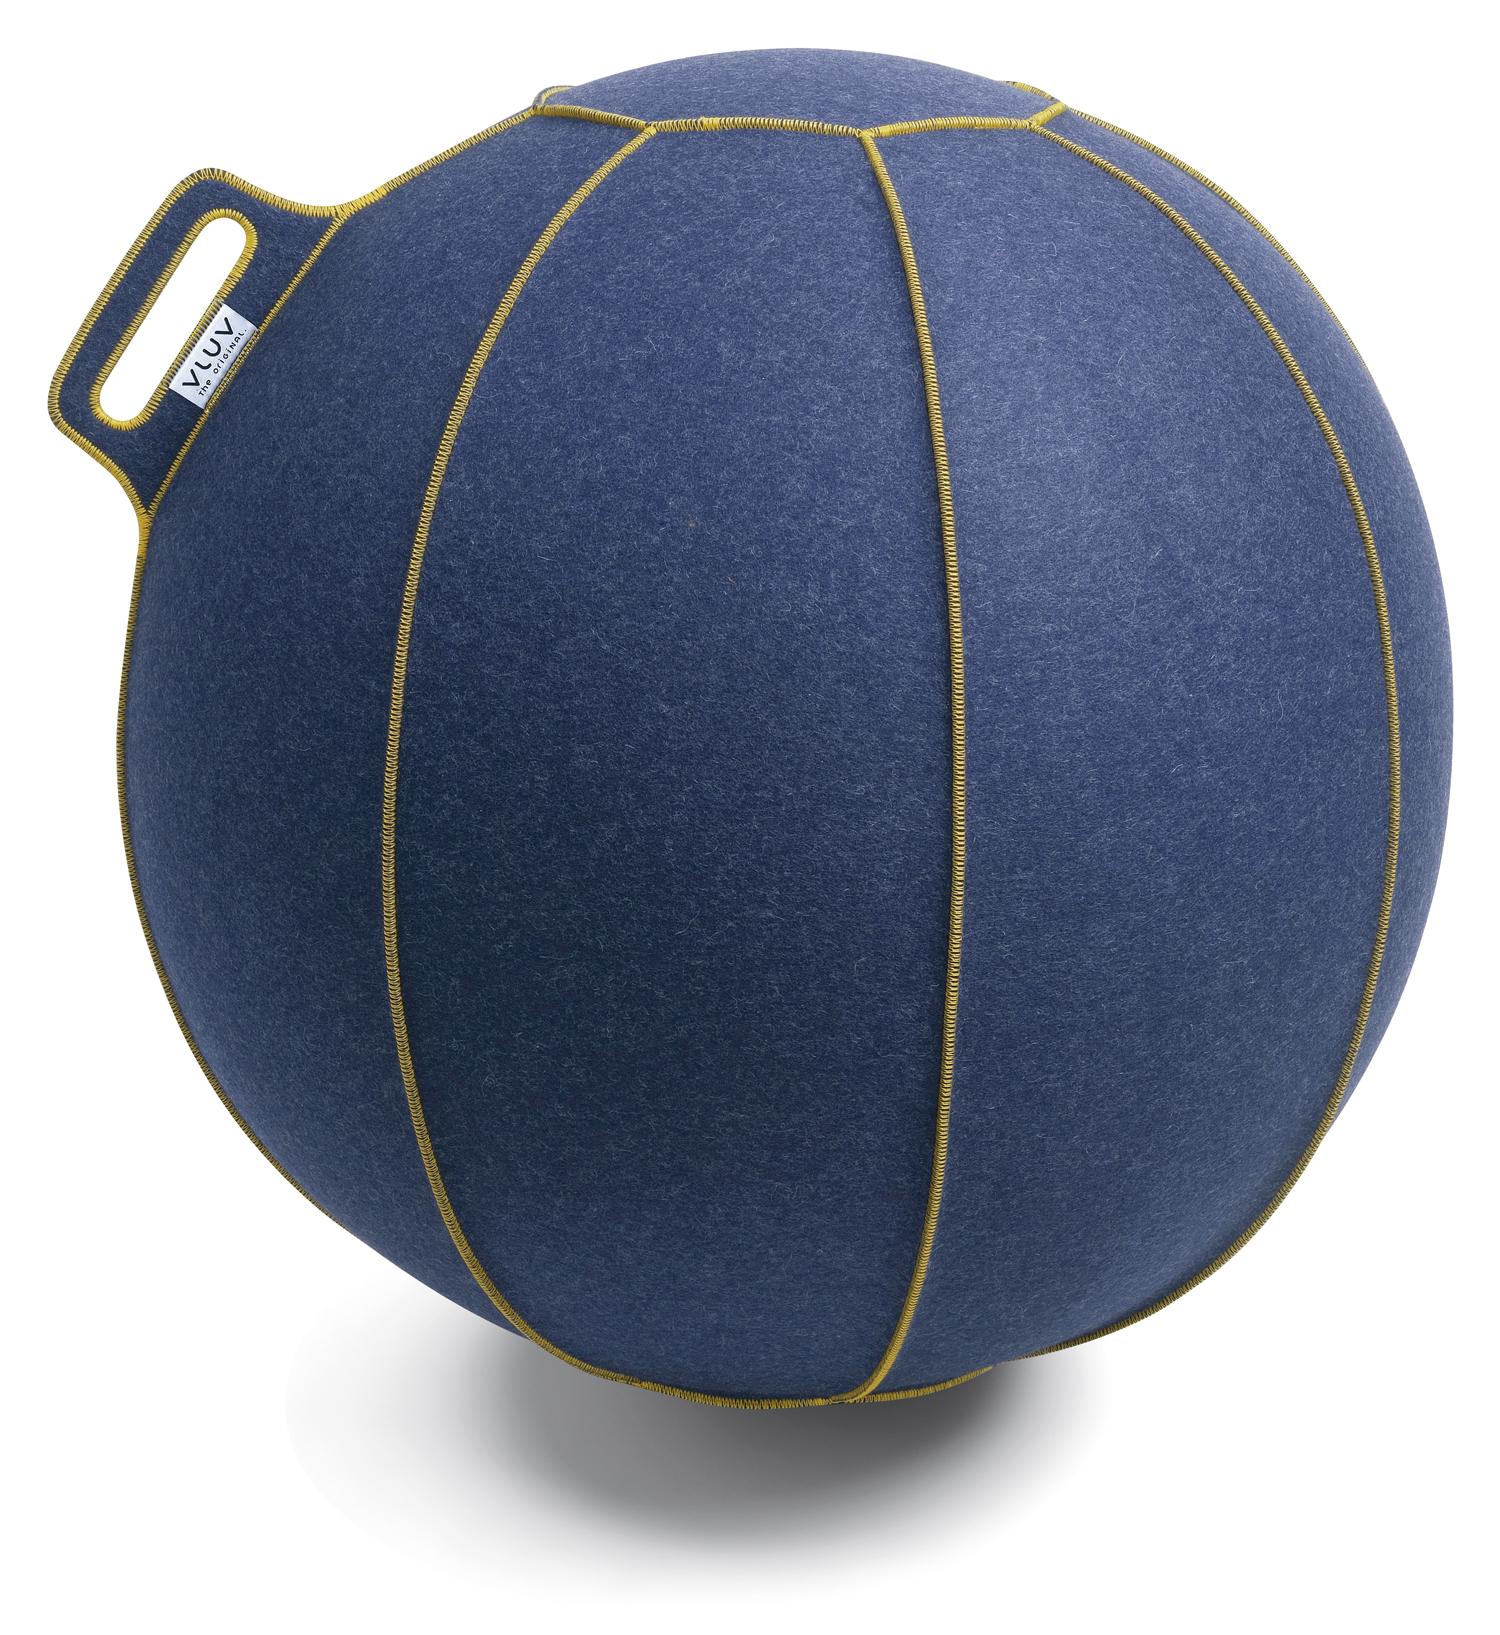 VLUV | Wollfilz-Sitzball | VELT